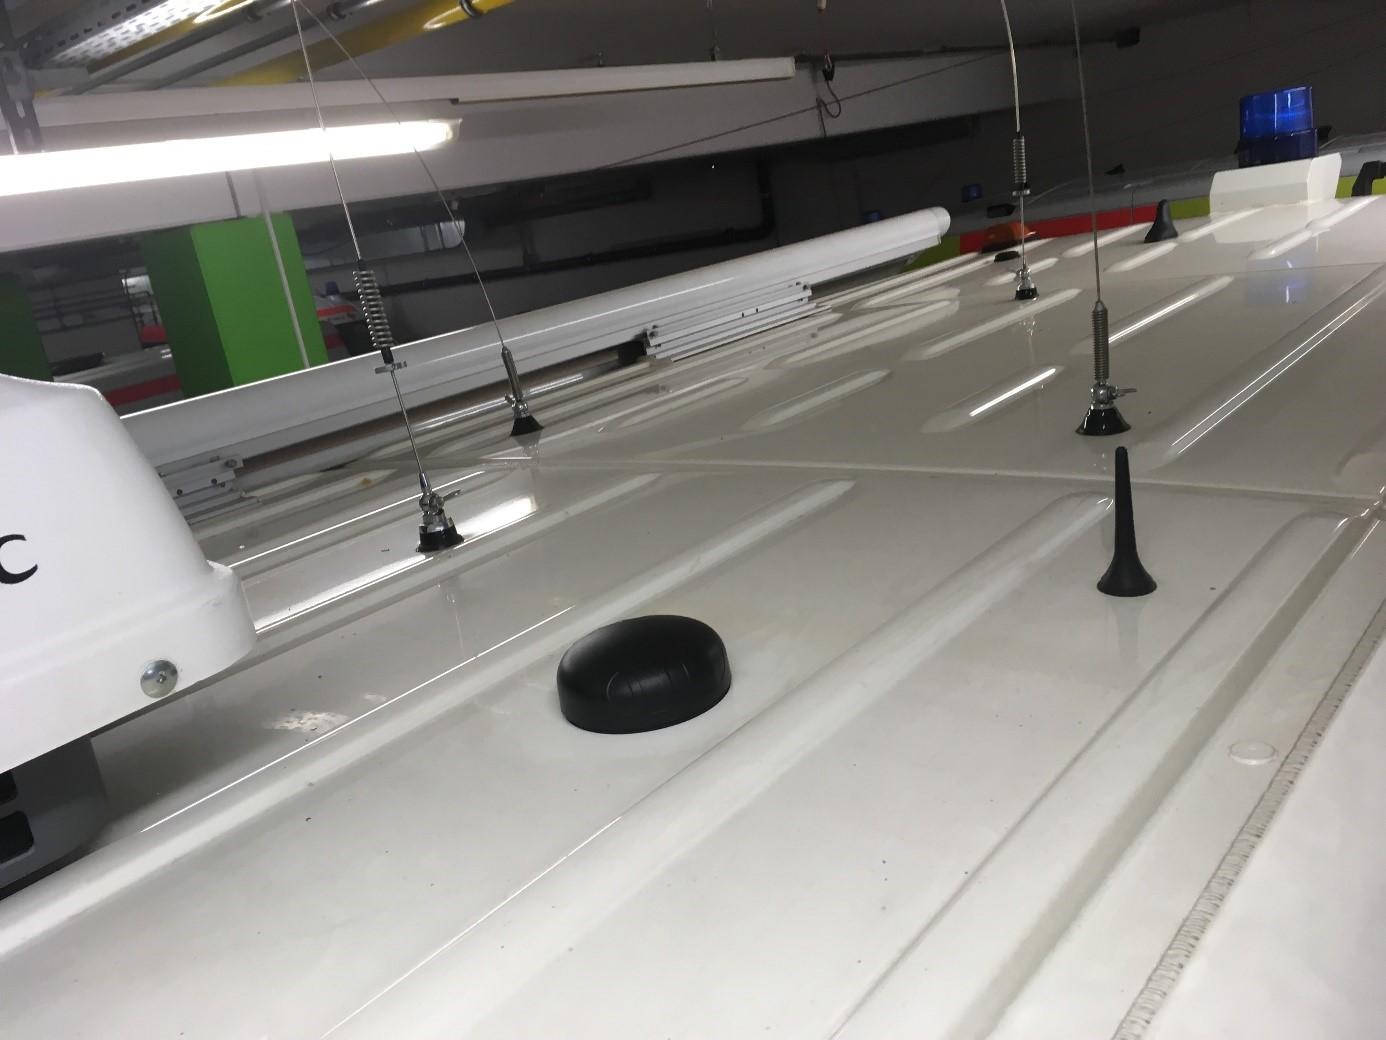 Bild: Neue Kombi-Antenne auf dem Dach des ELW.